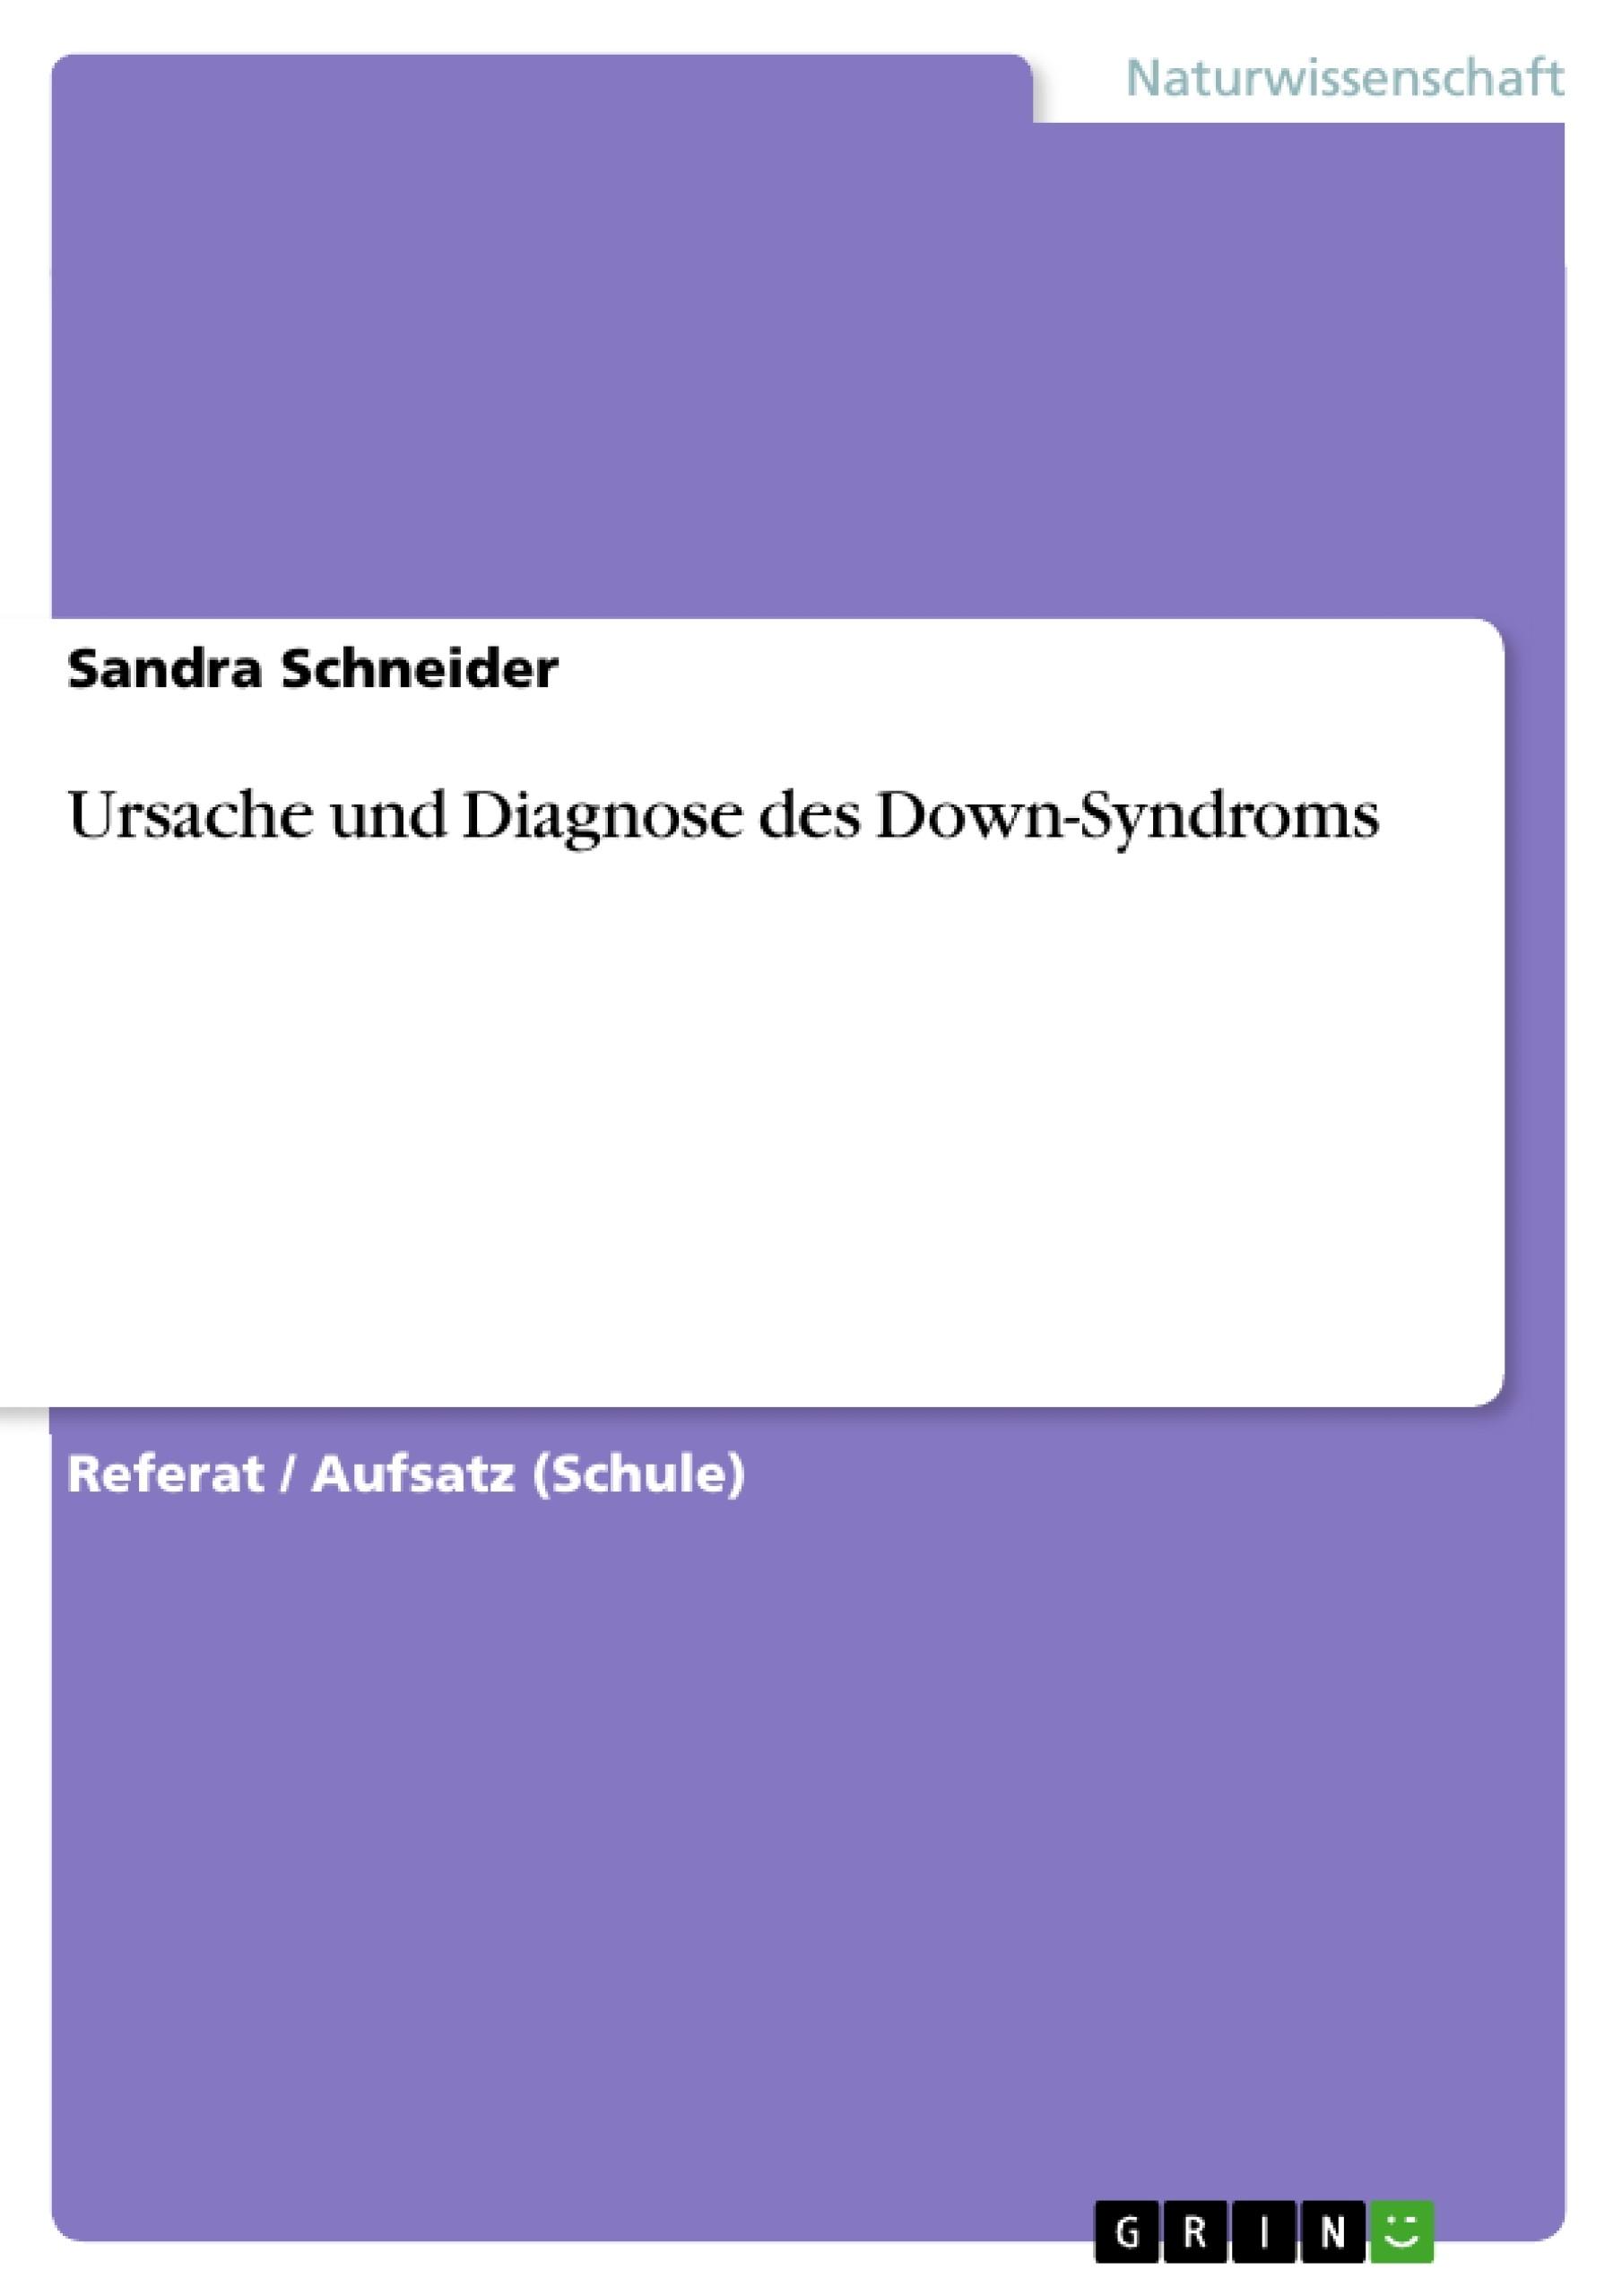 Titel: Ursache und Diagnose des Down-Syndroms